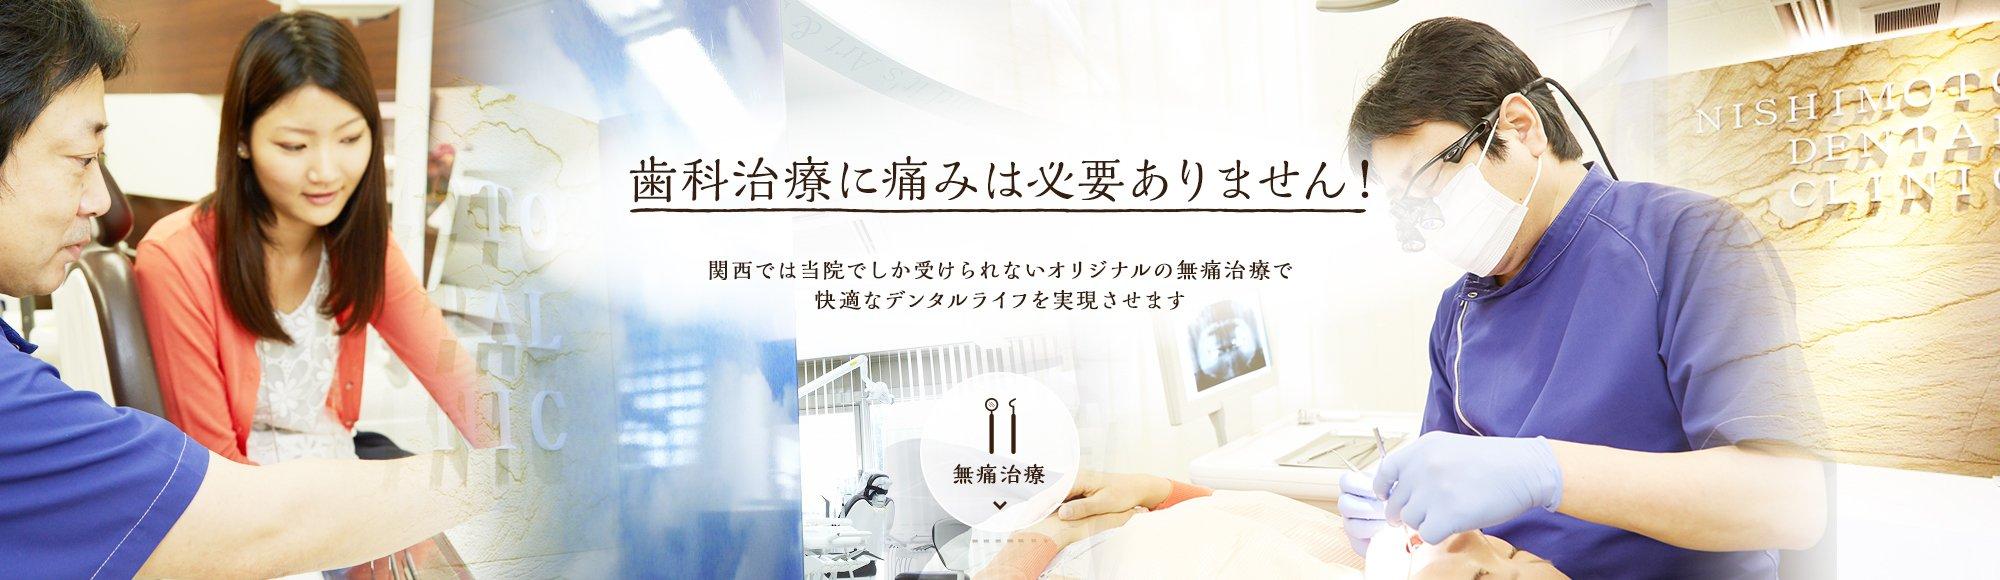 歯科治療に痛みは必要ありません! 関西では西本歯科医院でしか受けられないオリジナルの無痛治療で快適なデンタルライフを実現させます